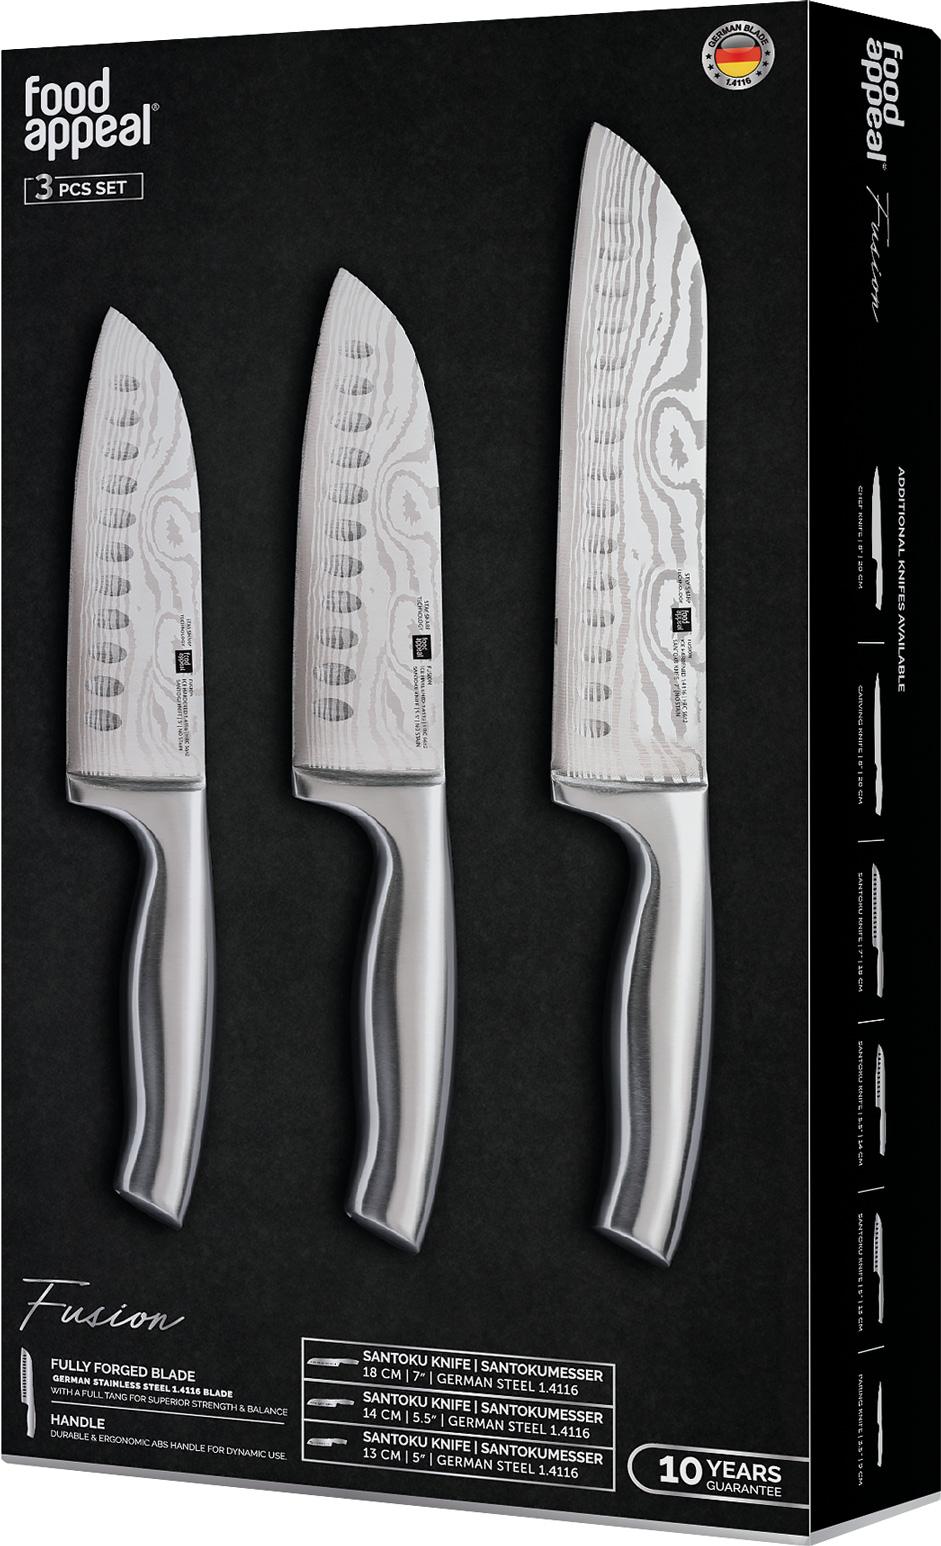 מארז 3 סכינים Food Appeal Fusion פוד אפיל